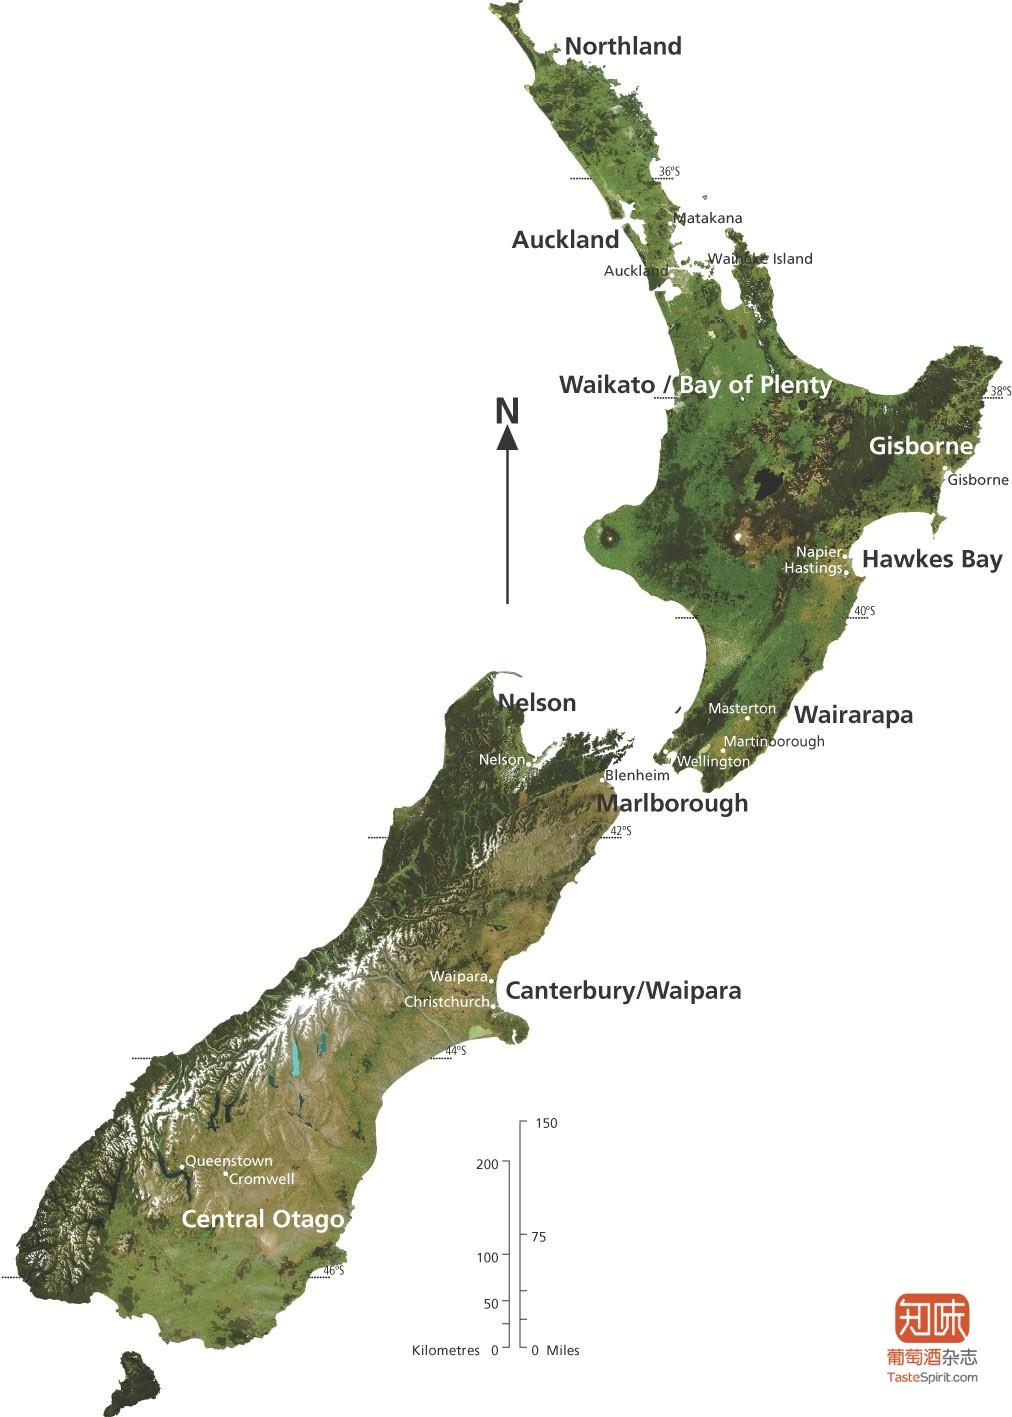 新西兰产区地图(点击放大),来源:trueanddaring